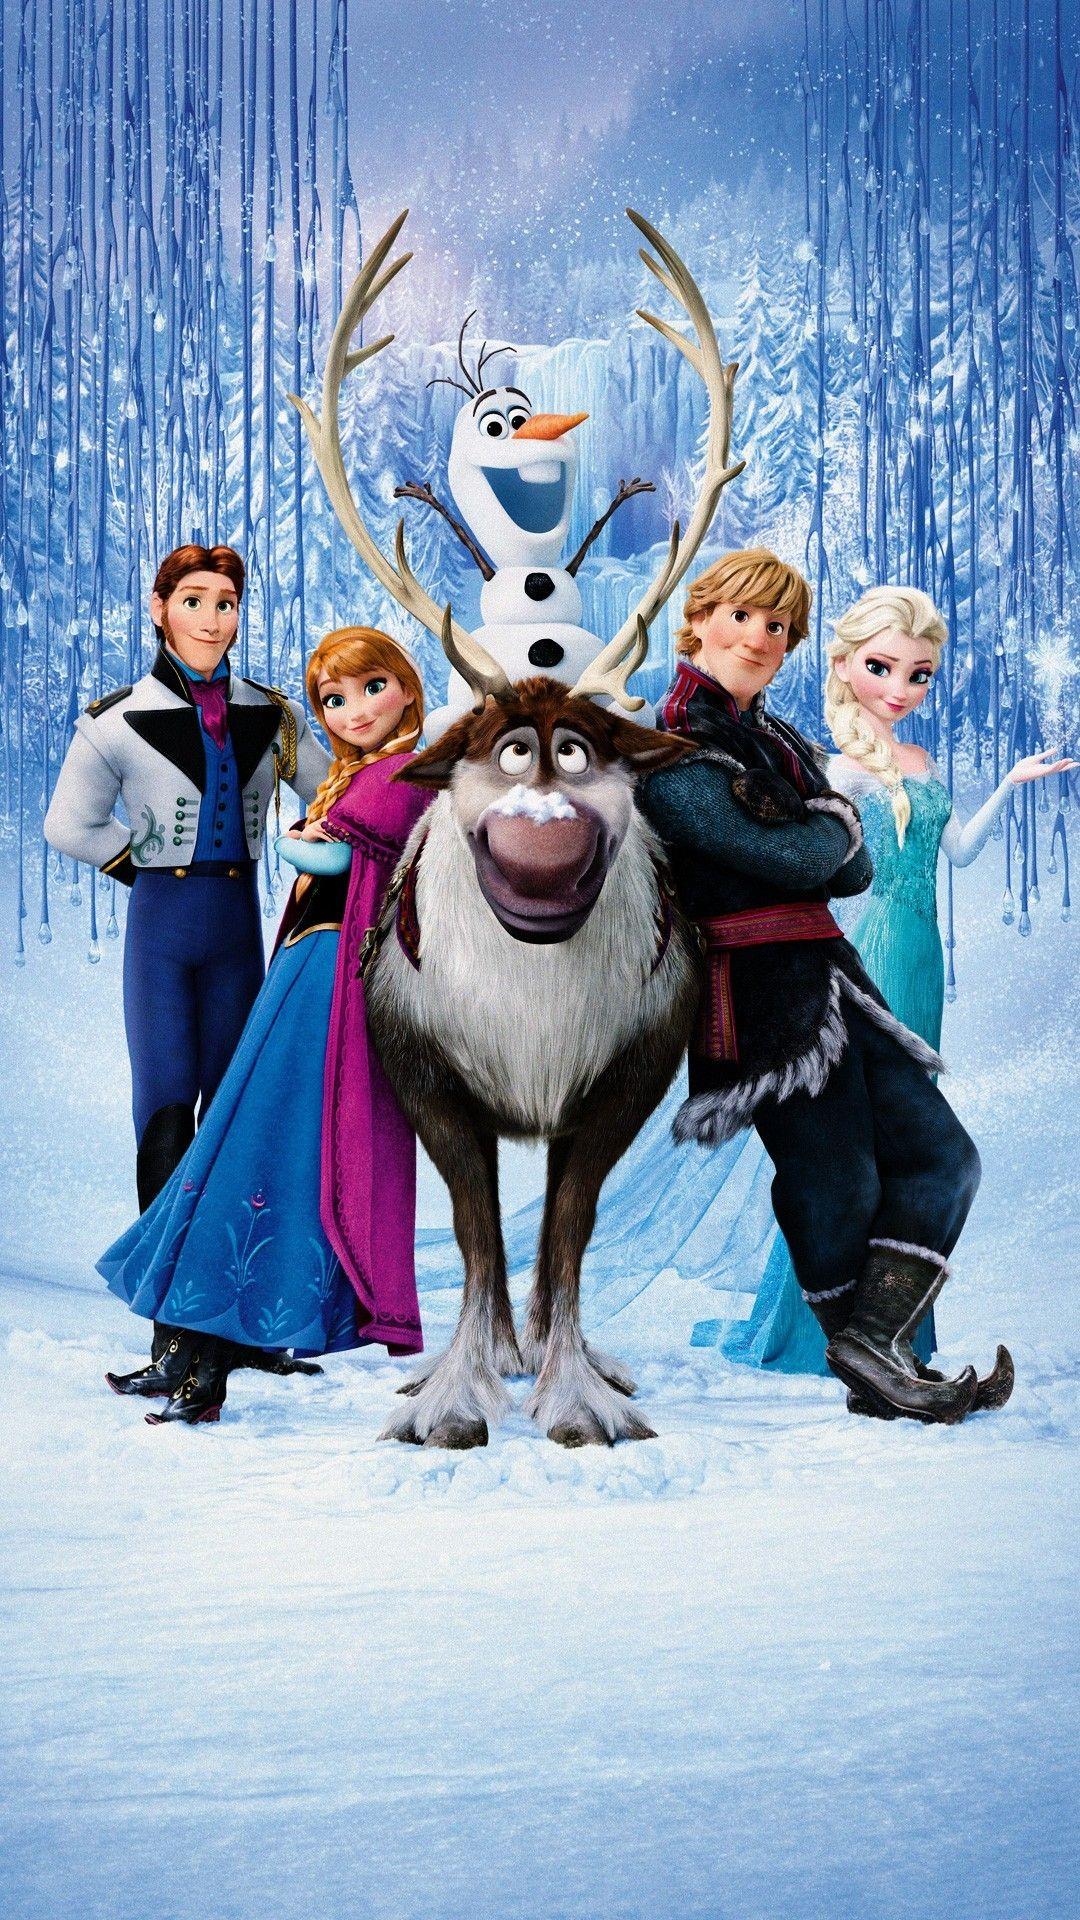 frozen pictures Google Search Disney Pinterest